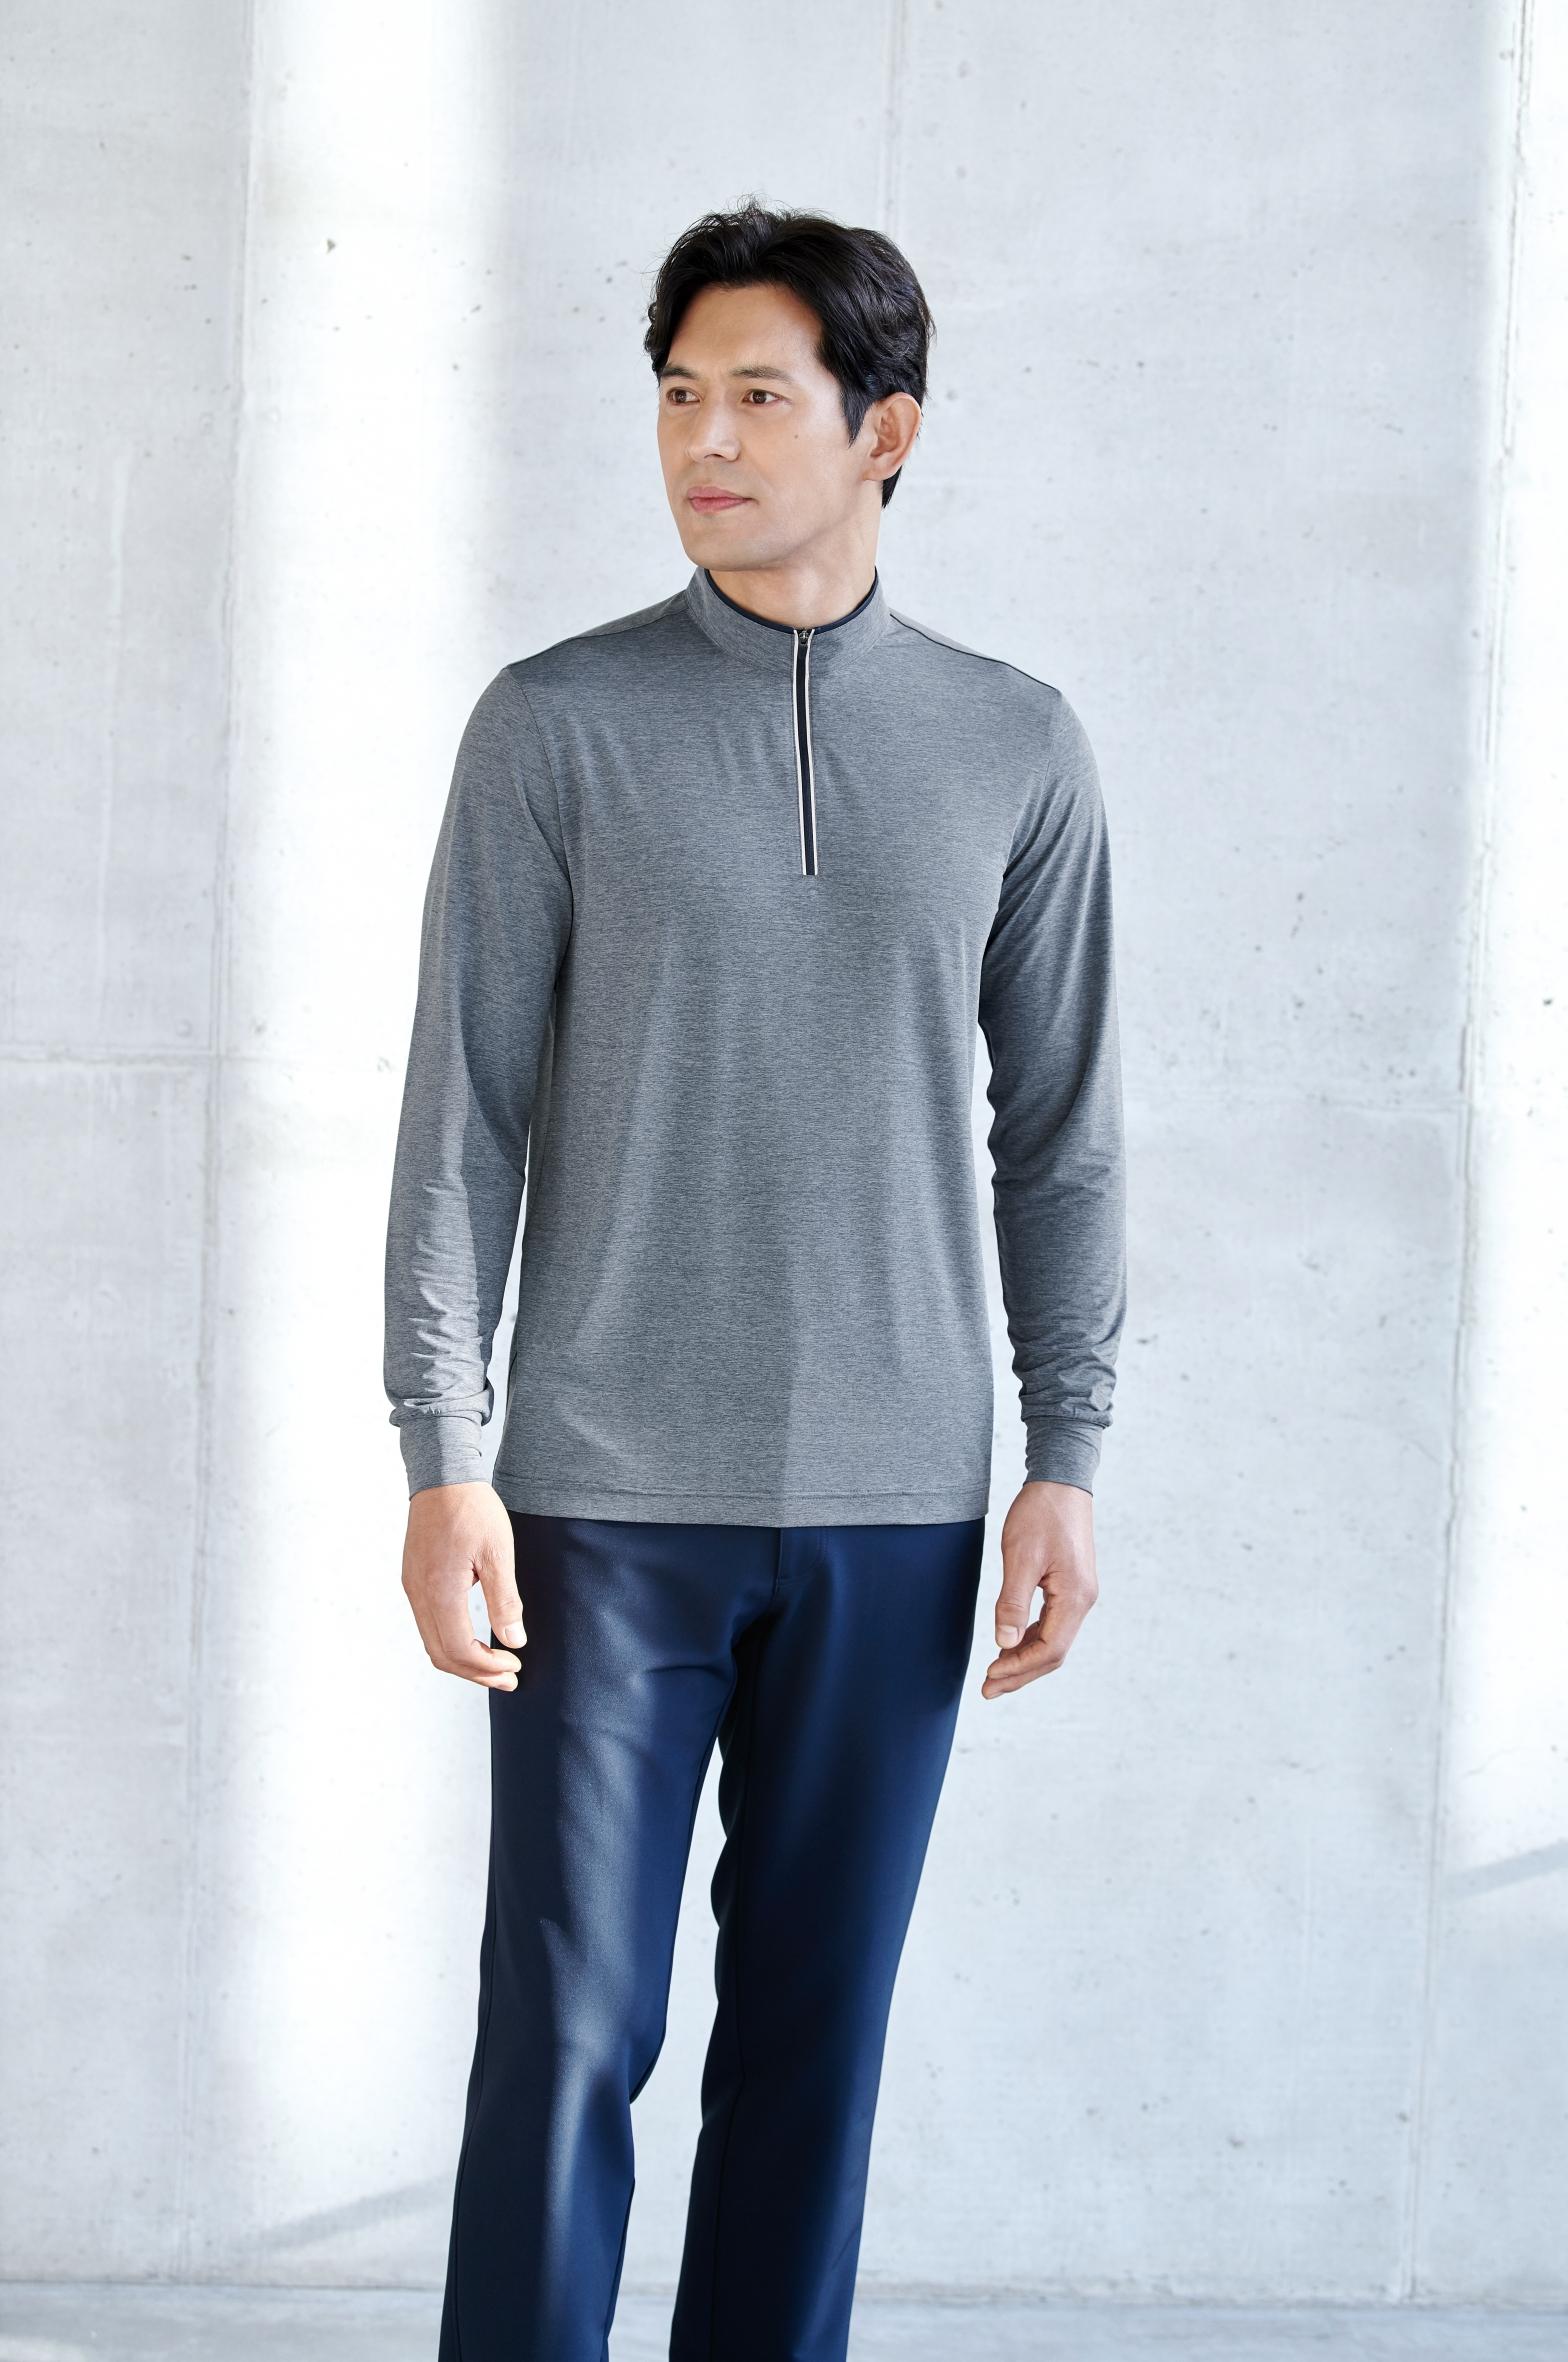 ZB-T2132 (멜란지네이비)지벤 긴팔 티셔츠(냉감/집업)